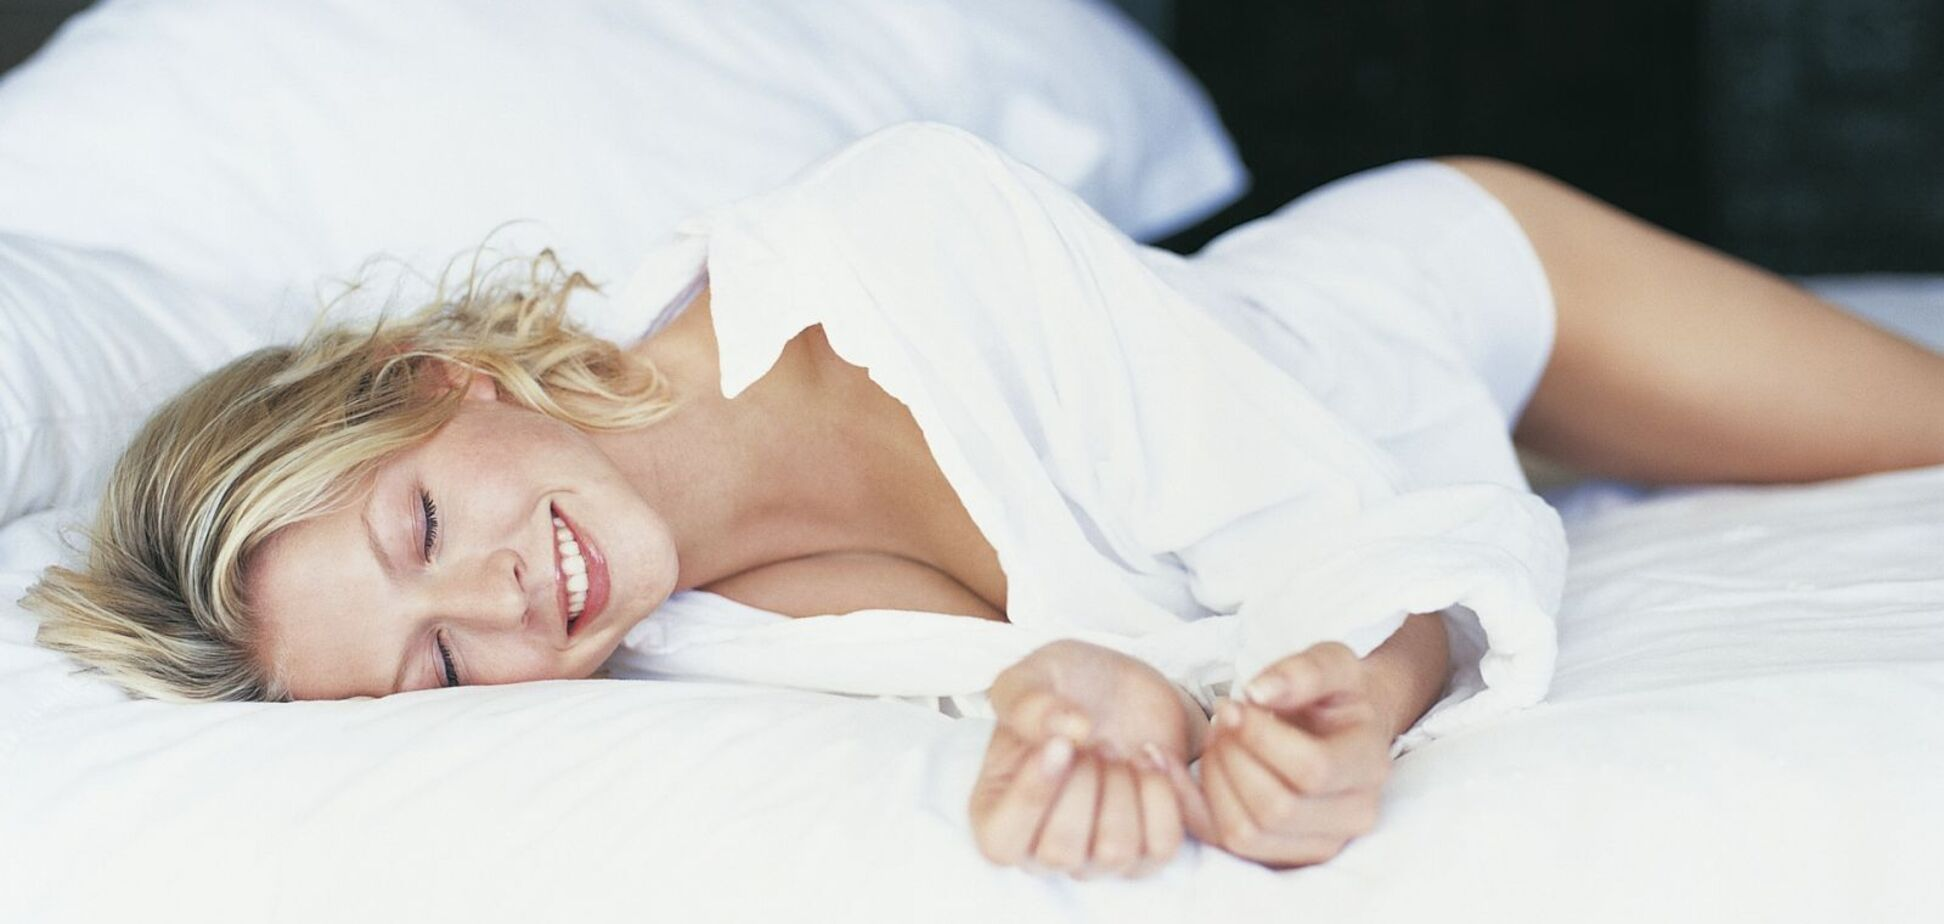 Названо причини, чому сняться еротичні сни